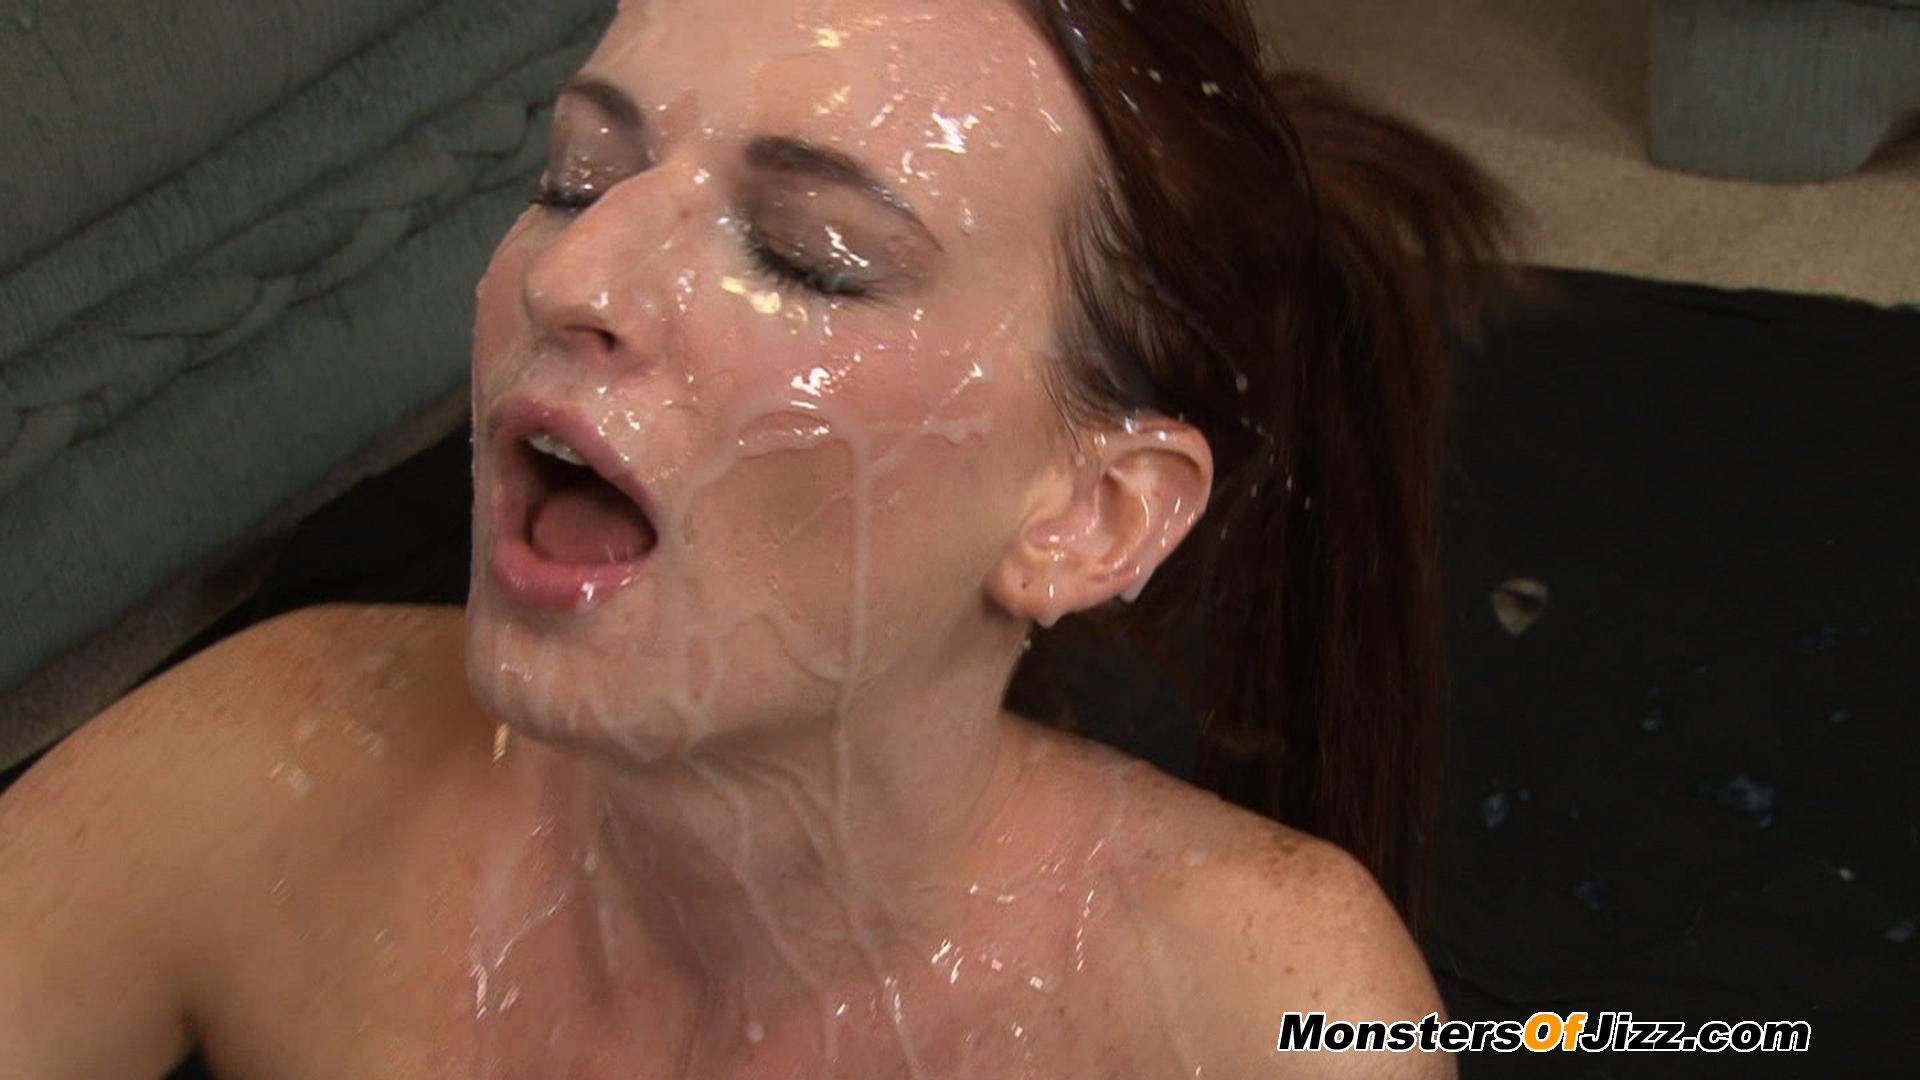 Член из попы в рот порно видео